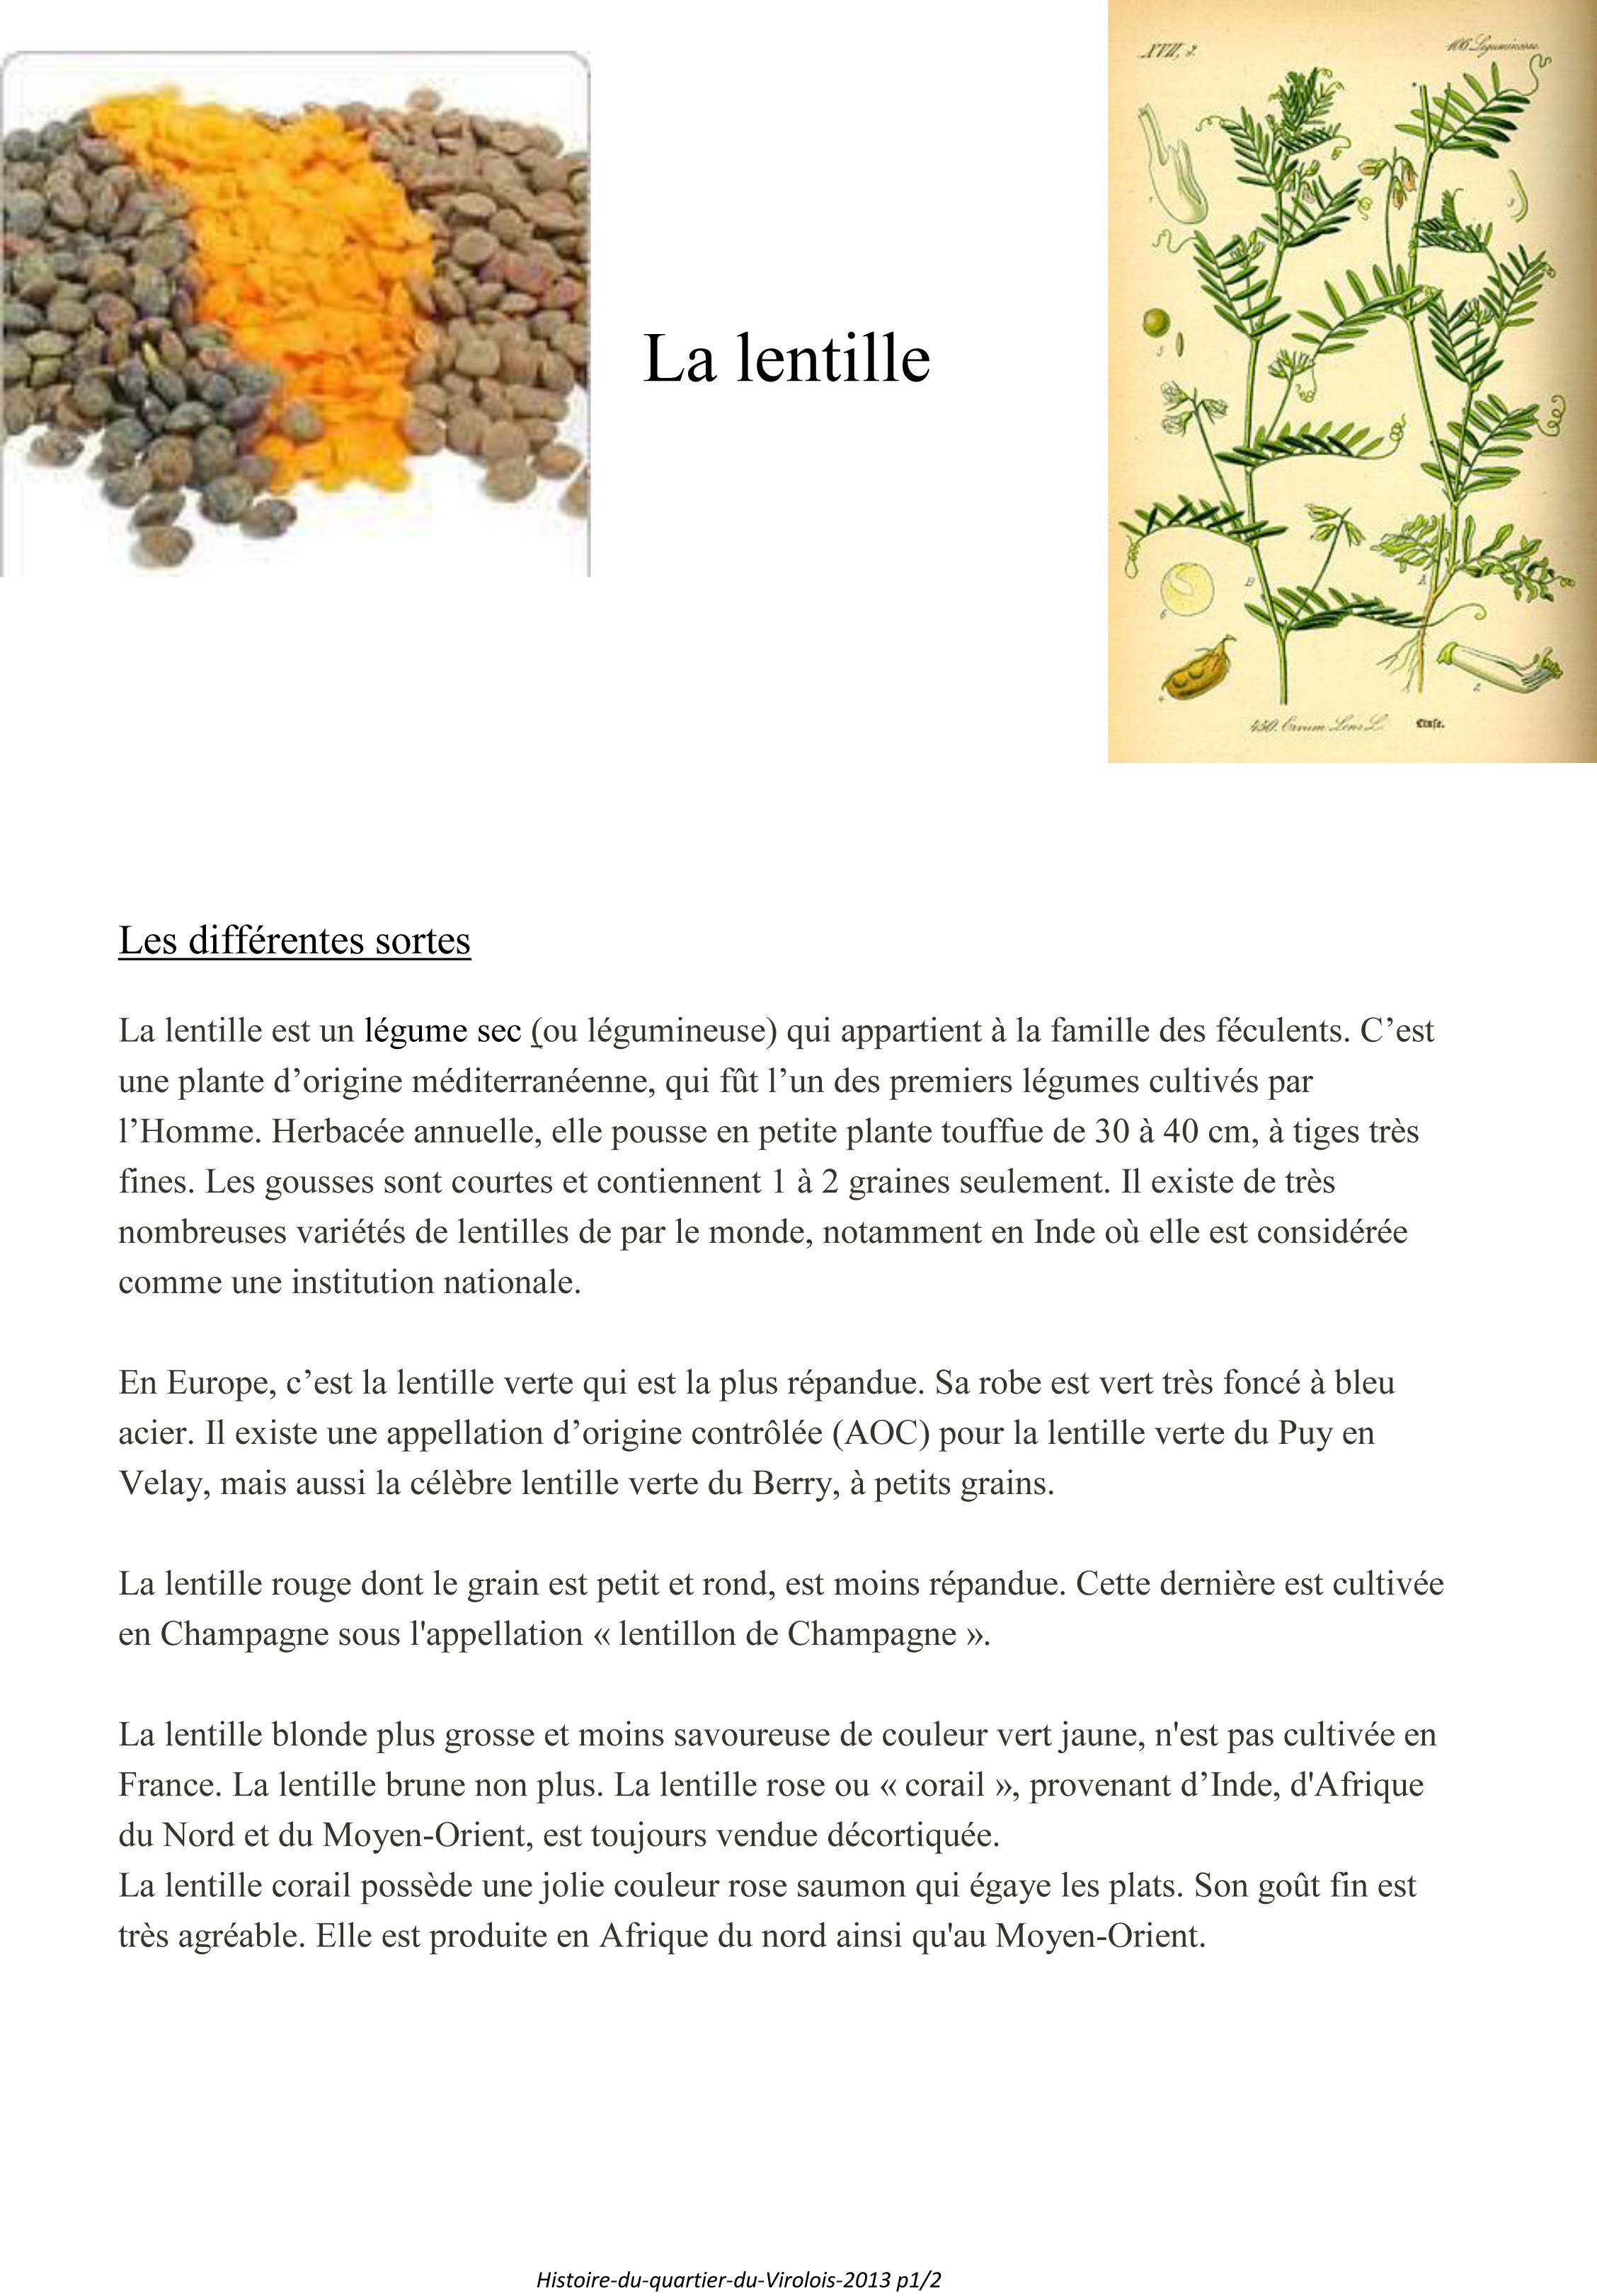 Histoire du Virolois La lentille-1